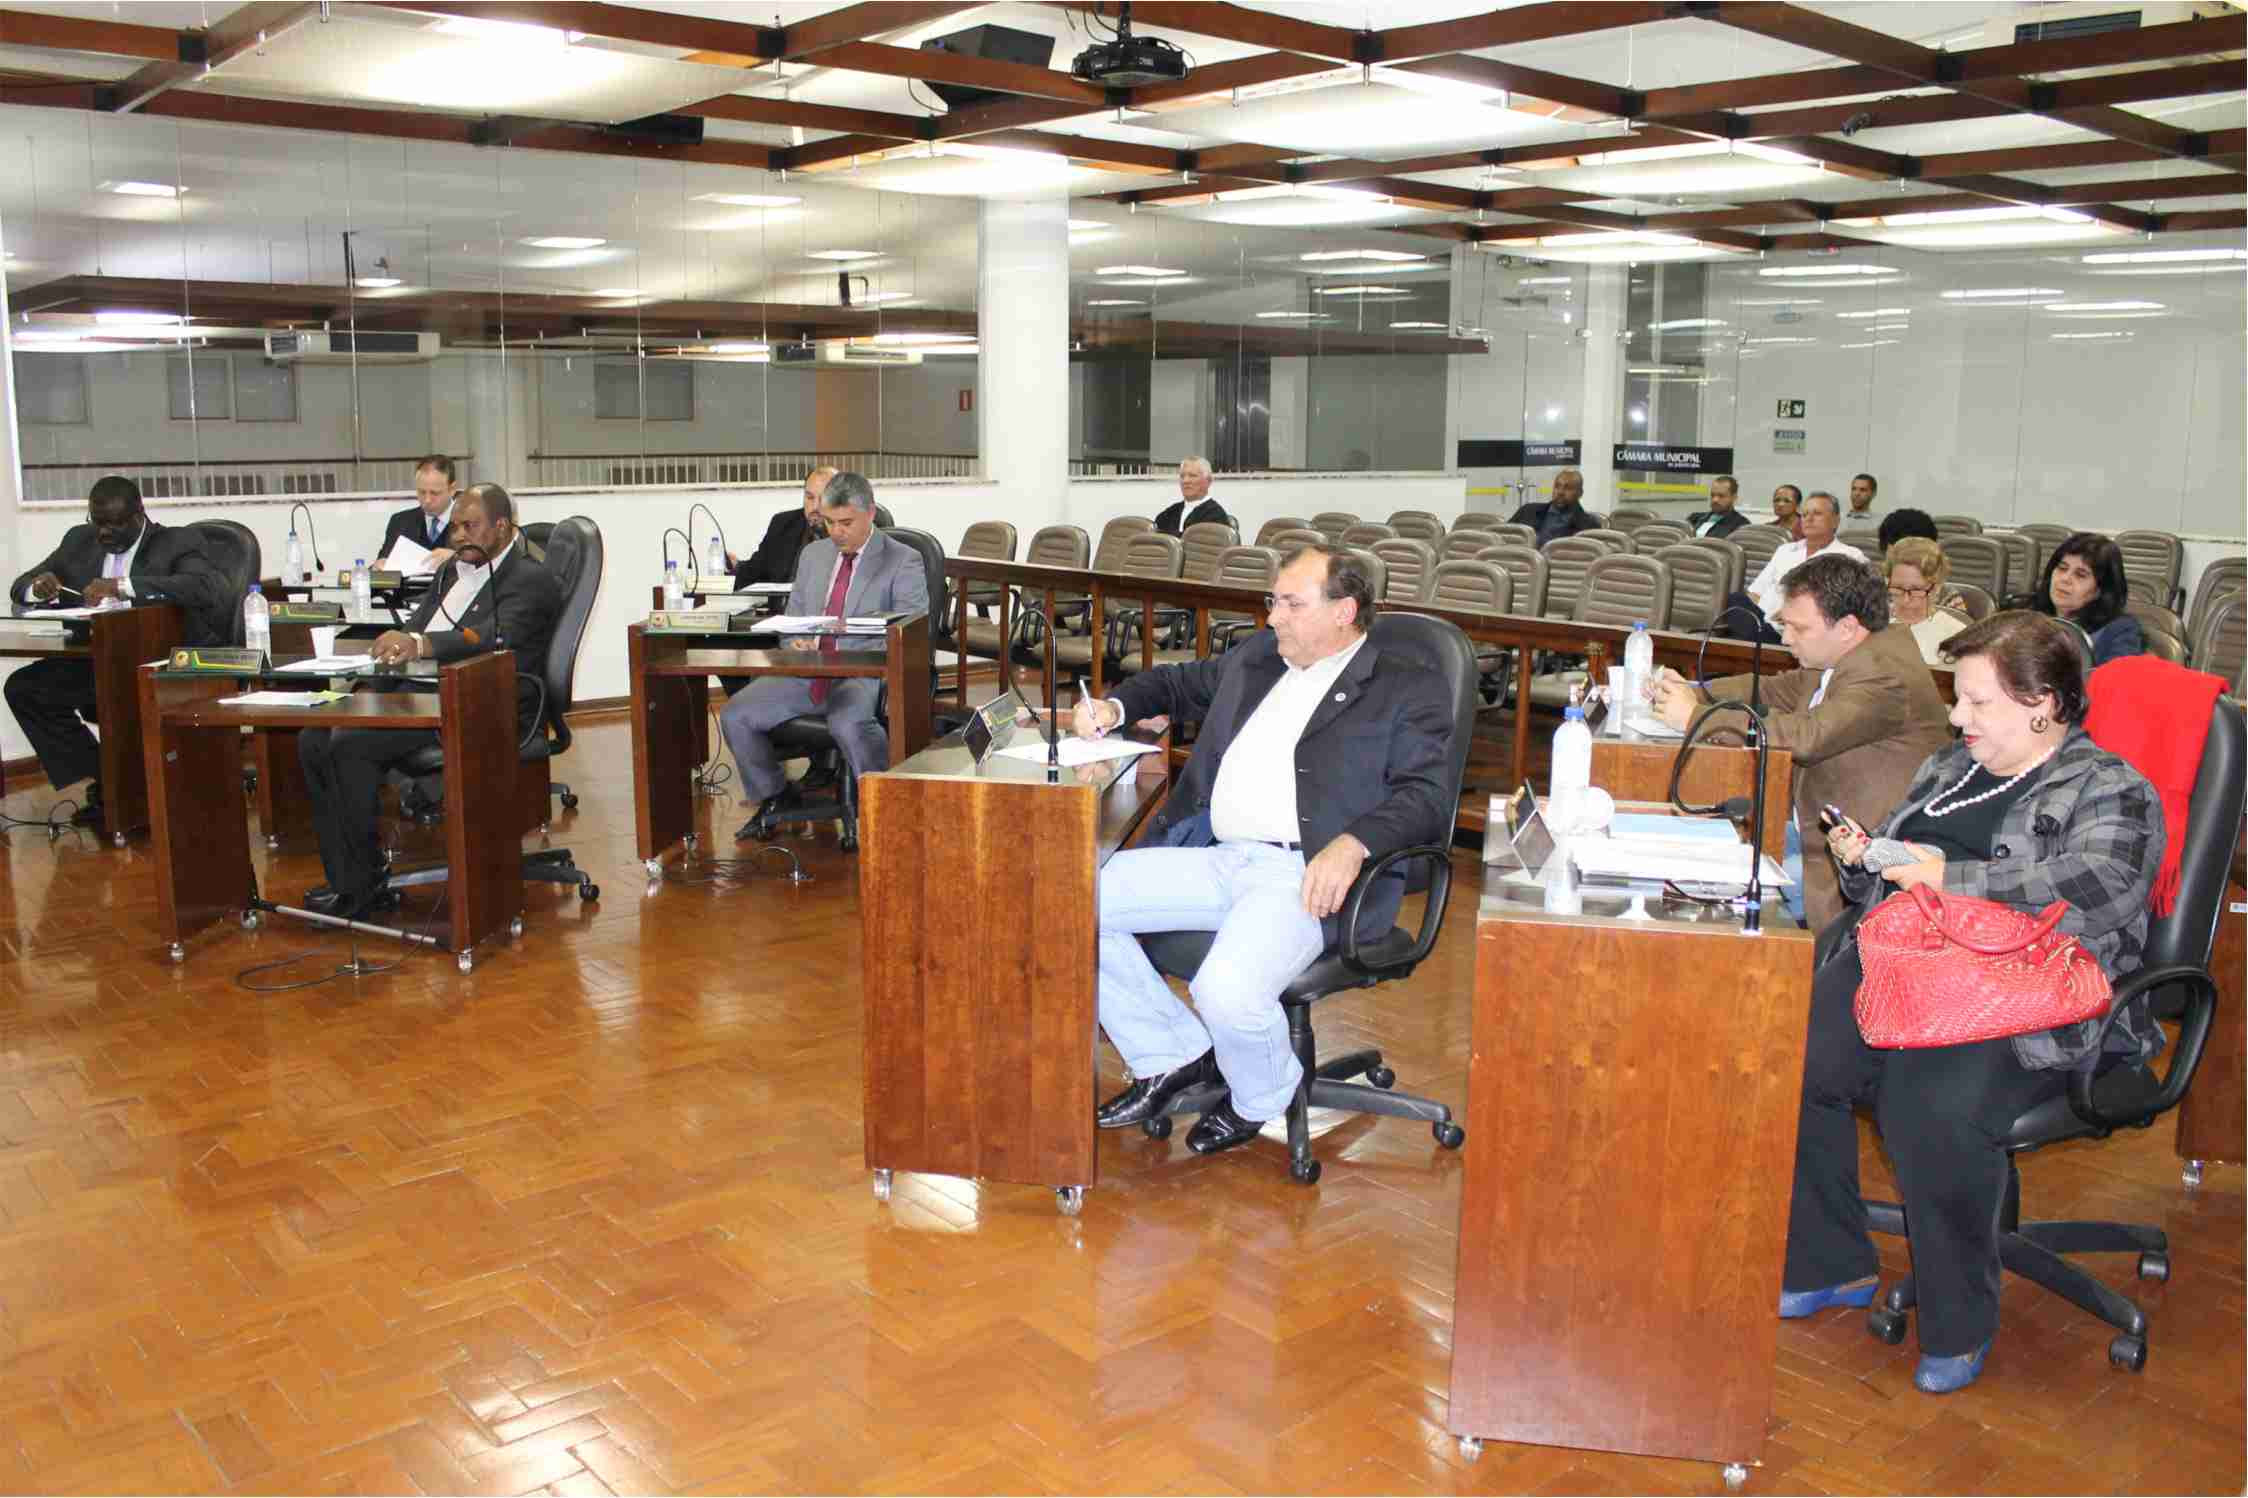 Sessão da Câmara de ontem, segunda-feira, 6 foi uma das mais curtas do ano (Foto: Câmara M. de Jaboticabal)